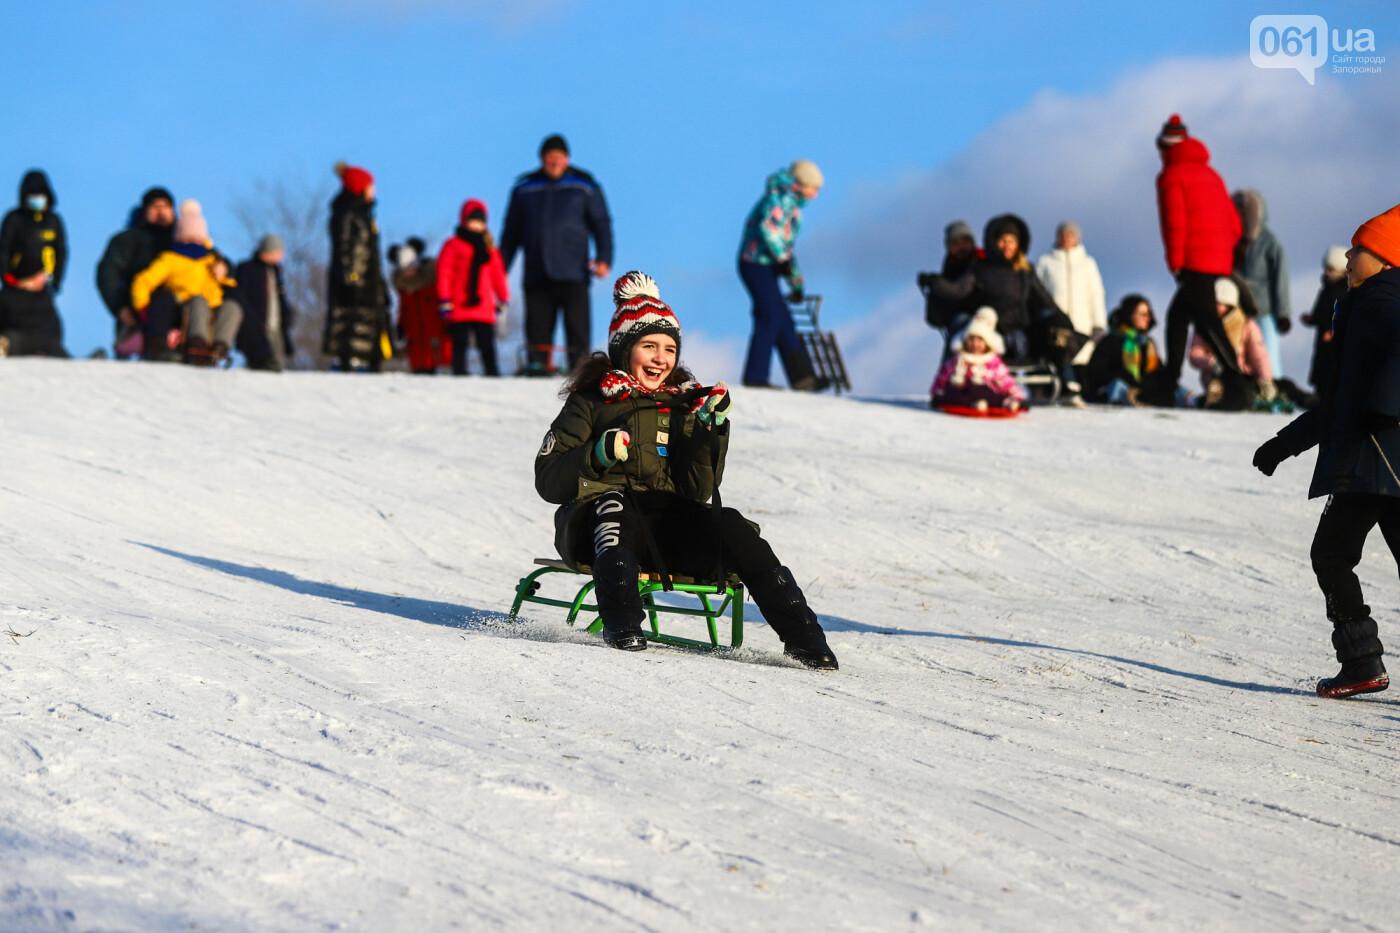 На санках, лыжах и сноуборде: запорожцы устроили массовое катание с горок в Вознесеновском парке, - ФОТОРЕПОРТАЖ, фото-46